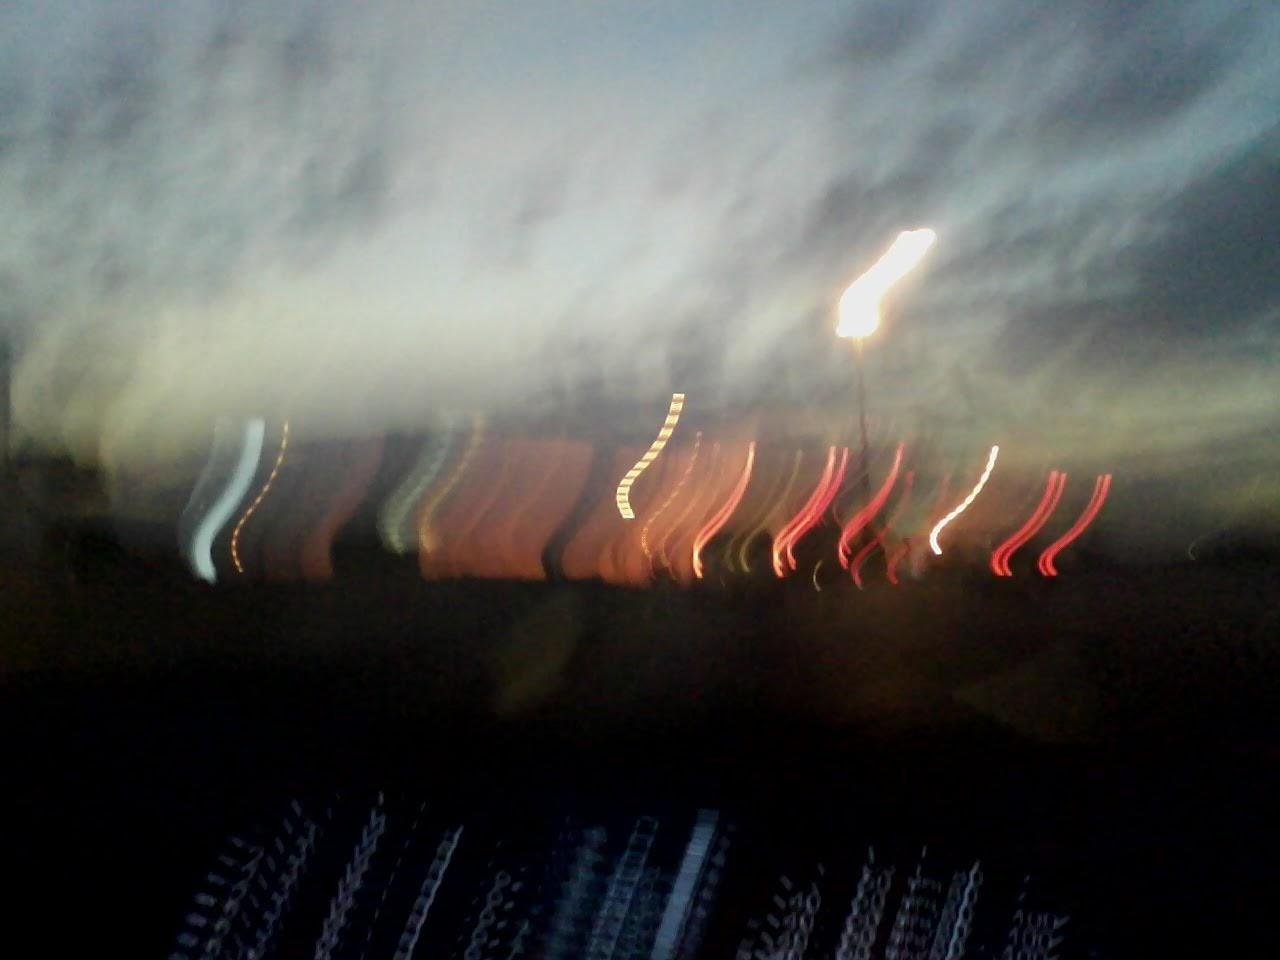 Sky - 0824063605.jpg